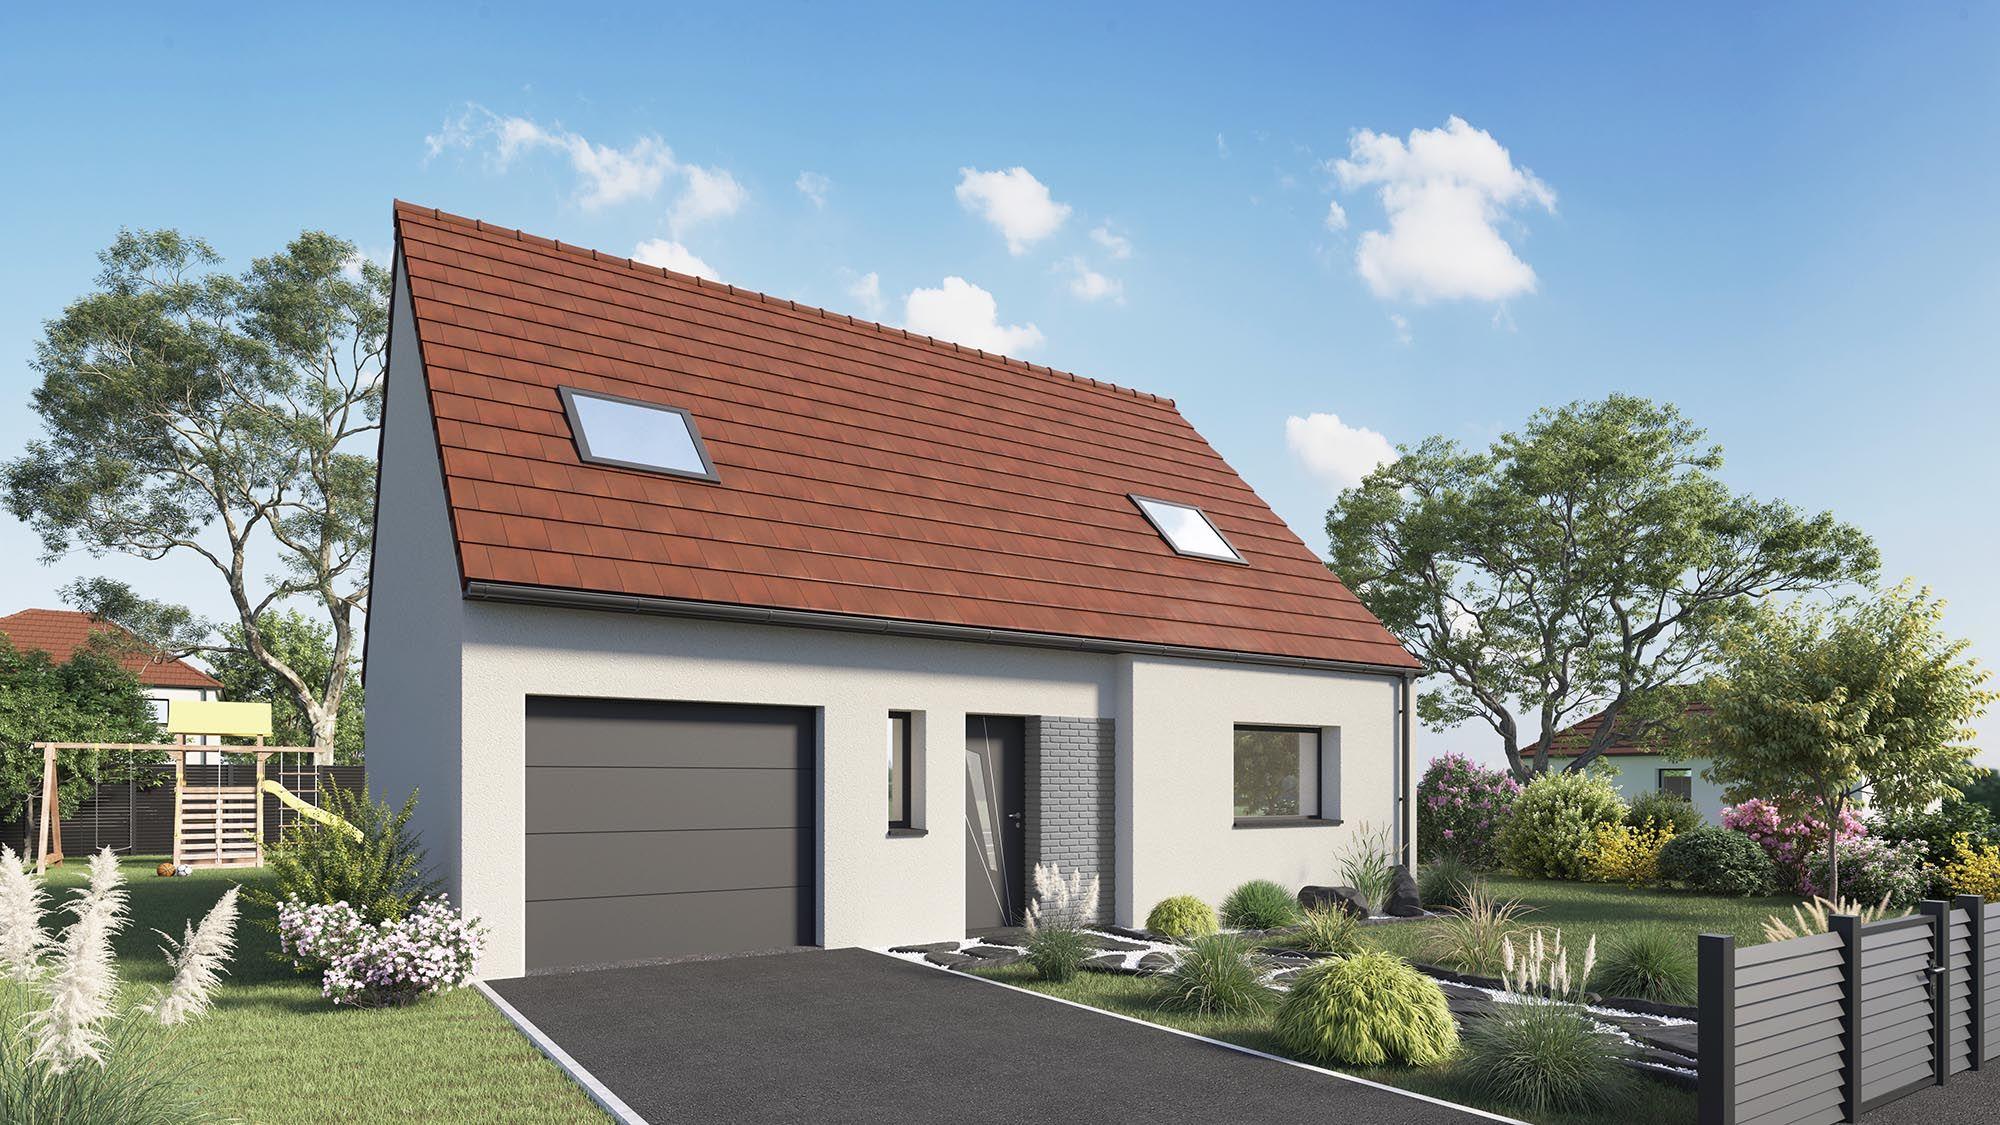 Maisons + Terrains du constructeur MAISON CASTOR REIMS • 114 m² • VILLE EN TARDENOIS